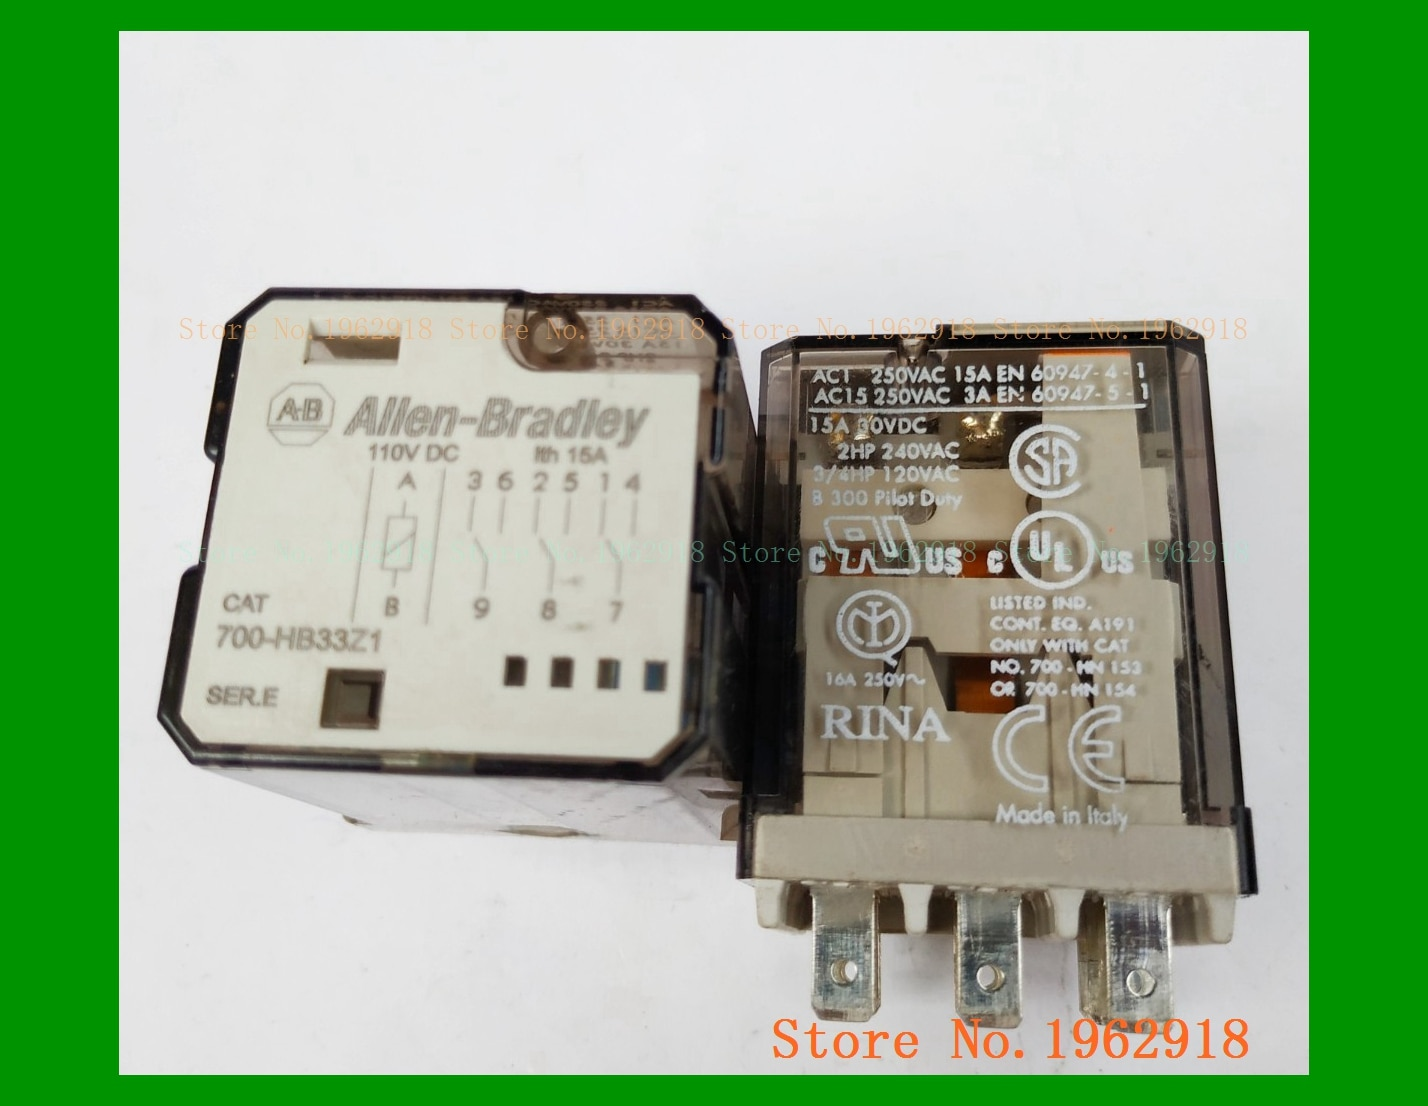 A-B 700-HB33Z1 110VDC 11